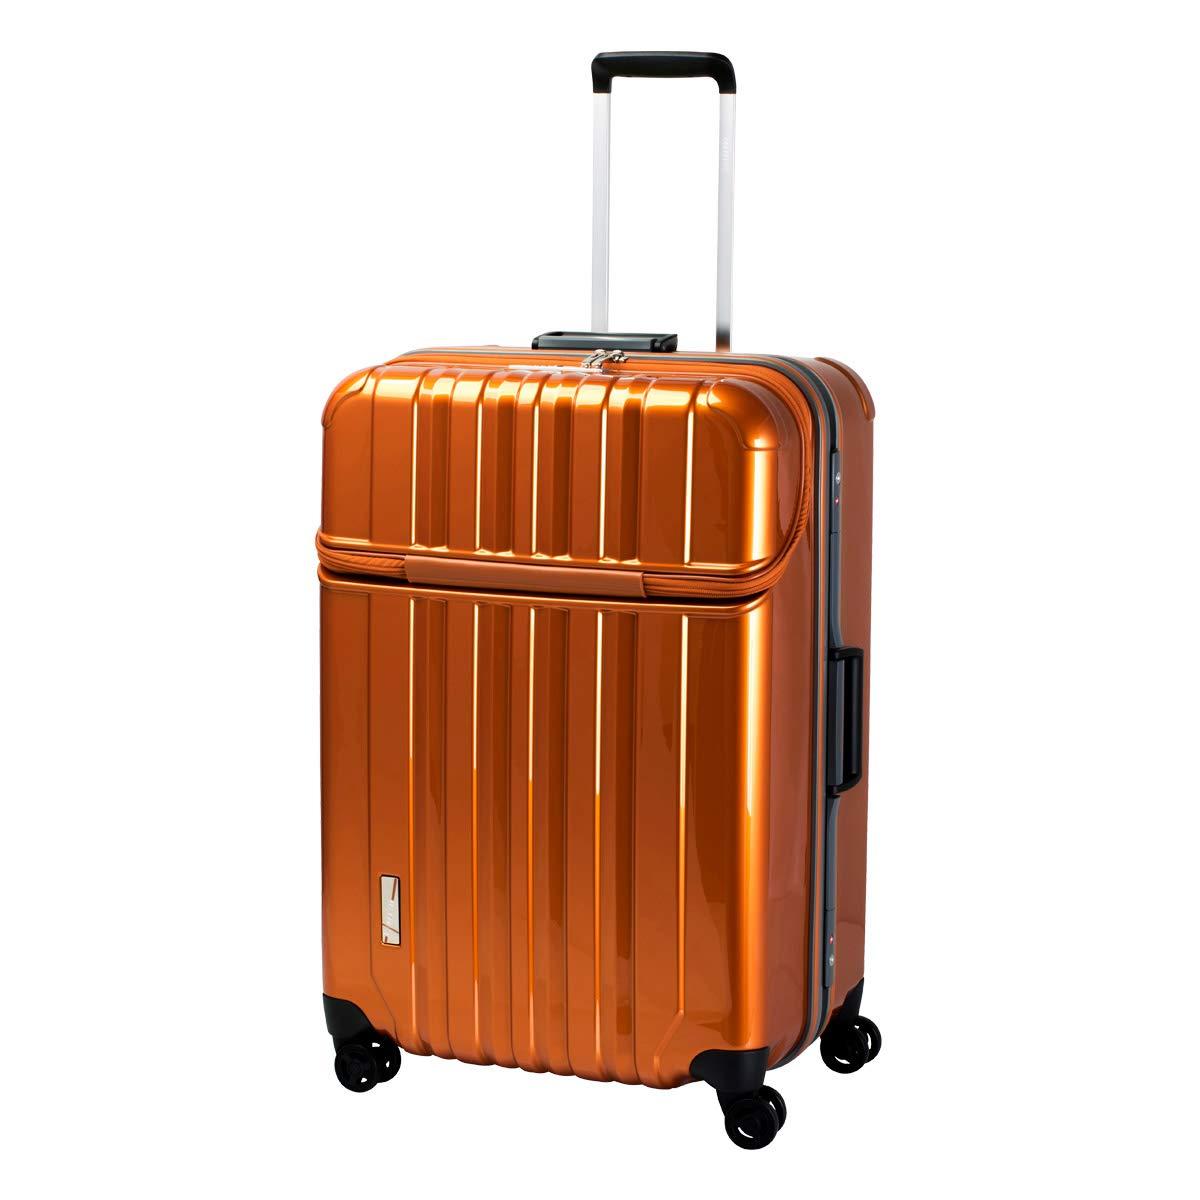 [トラベリスト] スーツケース トラストップ トップオープン 100L 68.5cm 5.8kg 76-20430  【09】オレンジ B07L8XM33G